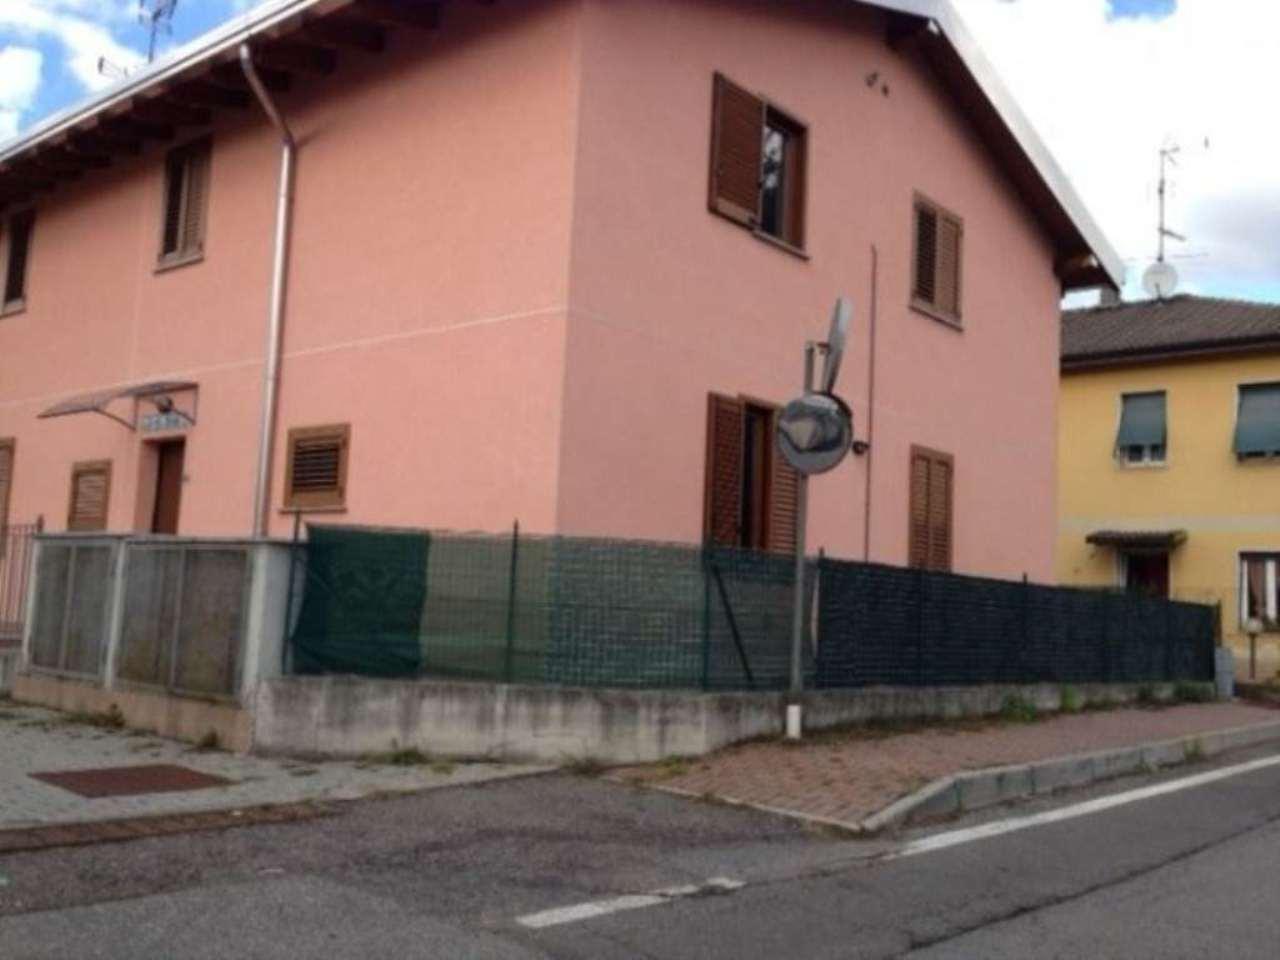 Villa a Schiera in vendita a Gornate-Olona, 4 locali, prezzo € 188.000 | CambioCasa.it